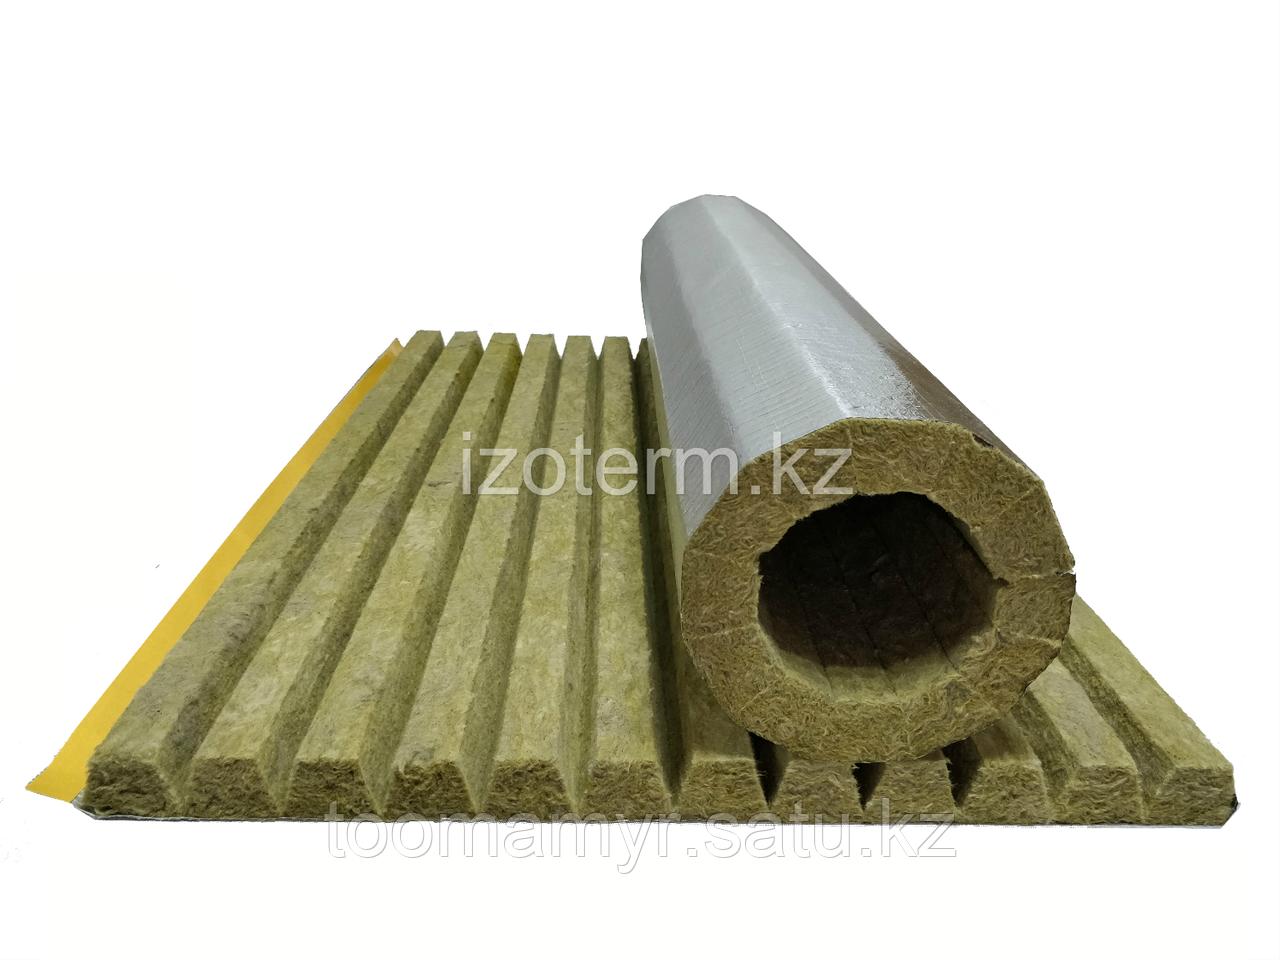 Плоский цилиндр IZOTERM с покрытием армированной алюминиевой фольгой